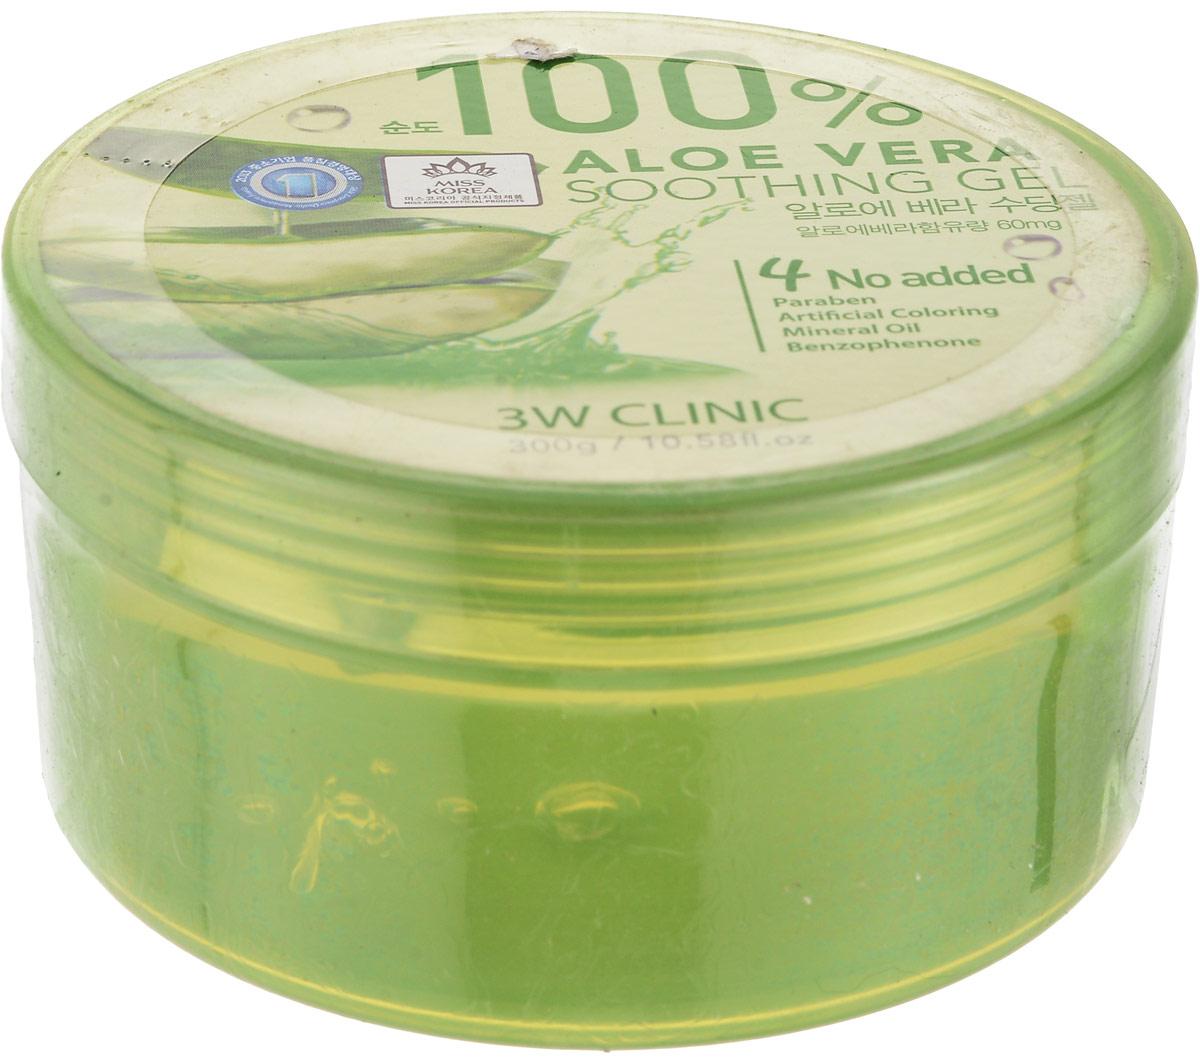 3W Clinic Гель универсальный Aloe Vera Soothing Gel 100%, 300 гр575356Многофункциональный успокаивающий гель с экстрактом алоэ 100% Гель наполняет кожу влагой, успокаивает её, снимает раздражения, избавляет от шелушений. Гель с алоэ обладает ранозаживляющим действием, благотворно влияет на кожу и оздоравливает ее на клеточном уровне.Гель с алоэ рекомендован для использования после агрессивного воздействия солнечных лучей на кожу, а также для уменьшения болевые ощущения после укусов насекомых. Алоэ создает на коже незаметный, но очень эффективный барьер, препятствующий проникновению болезнетворных бактерий и грибковых инфекций, а также помогает справиться с уже существующей угревой сыпью. Сок алоэ не закупоривает поры, регулирует работу сальных желез и придает коже здоровую матовость.